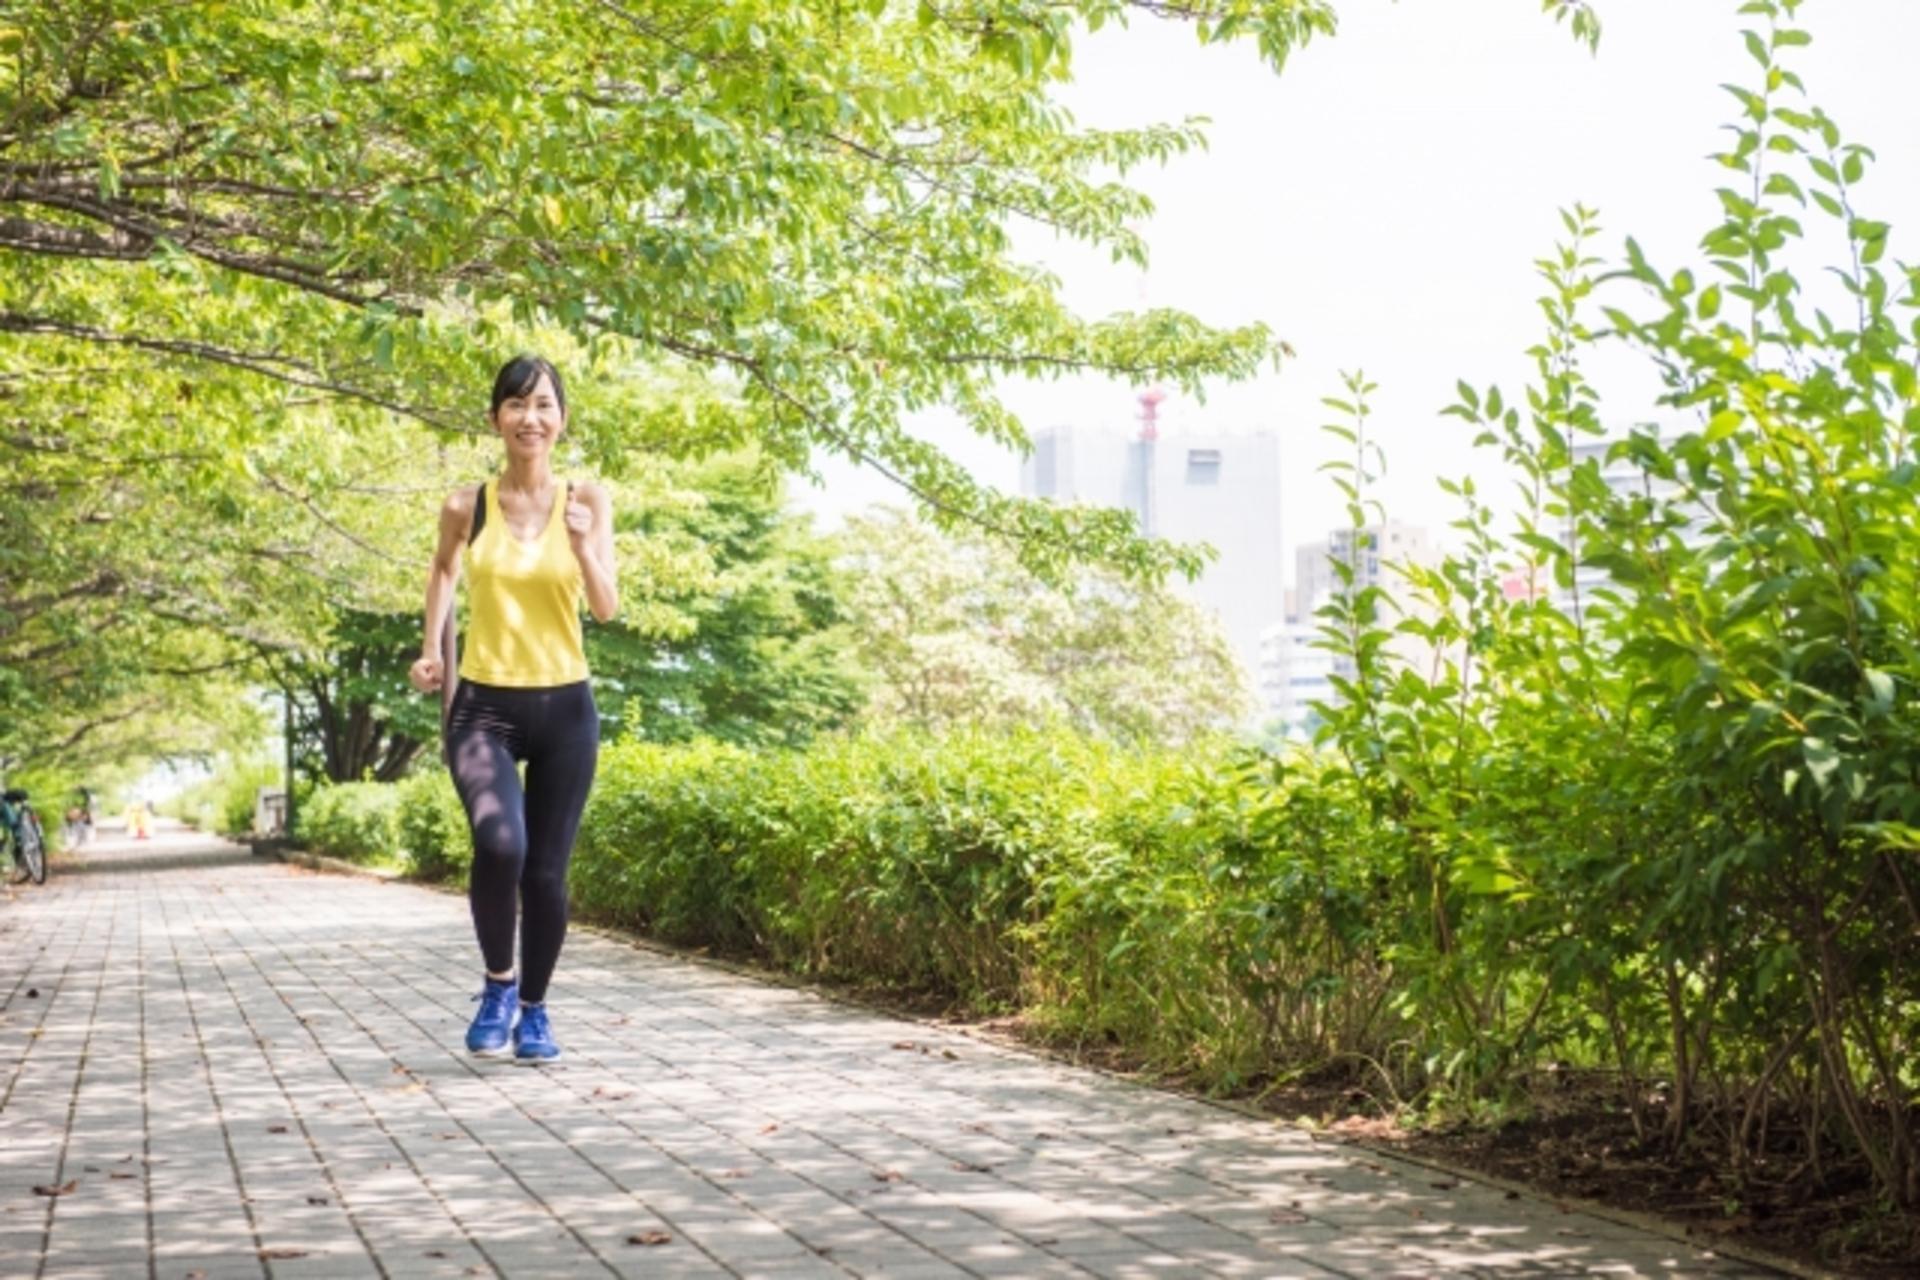 運動不足になりがちなこんな時期こそランニング、マラソンを始めてみよう!!